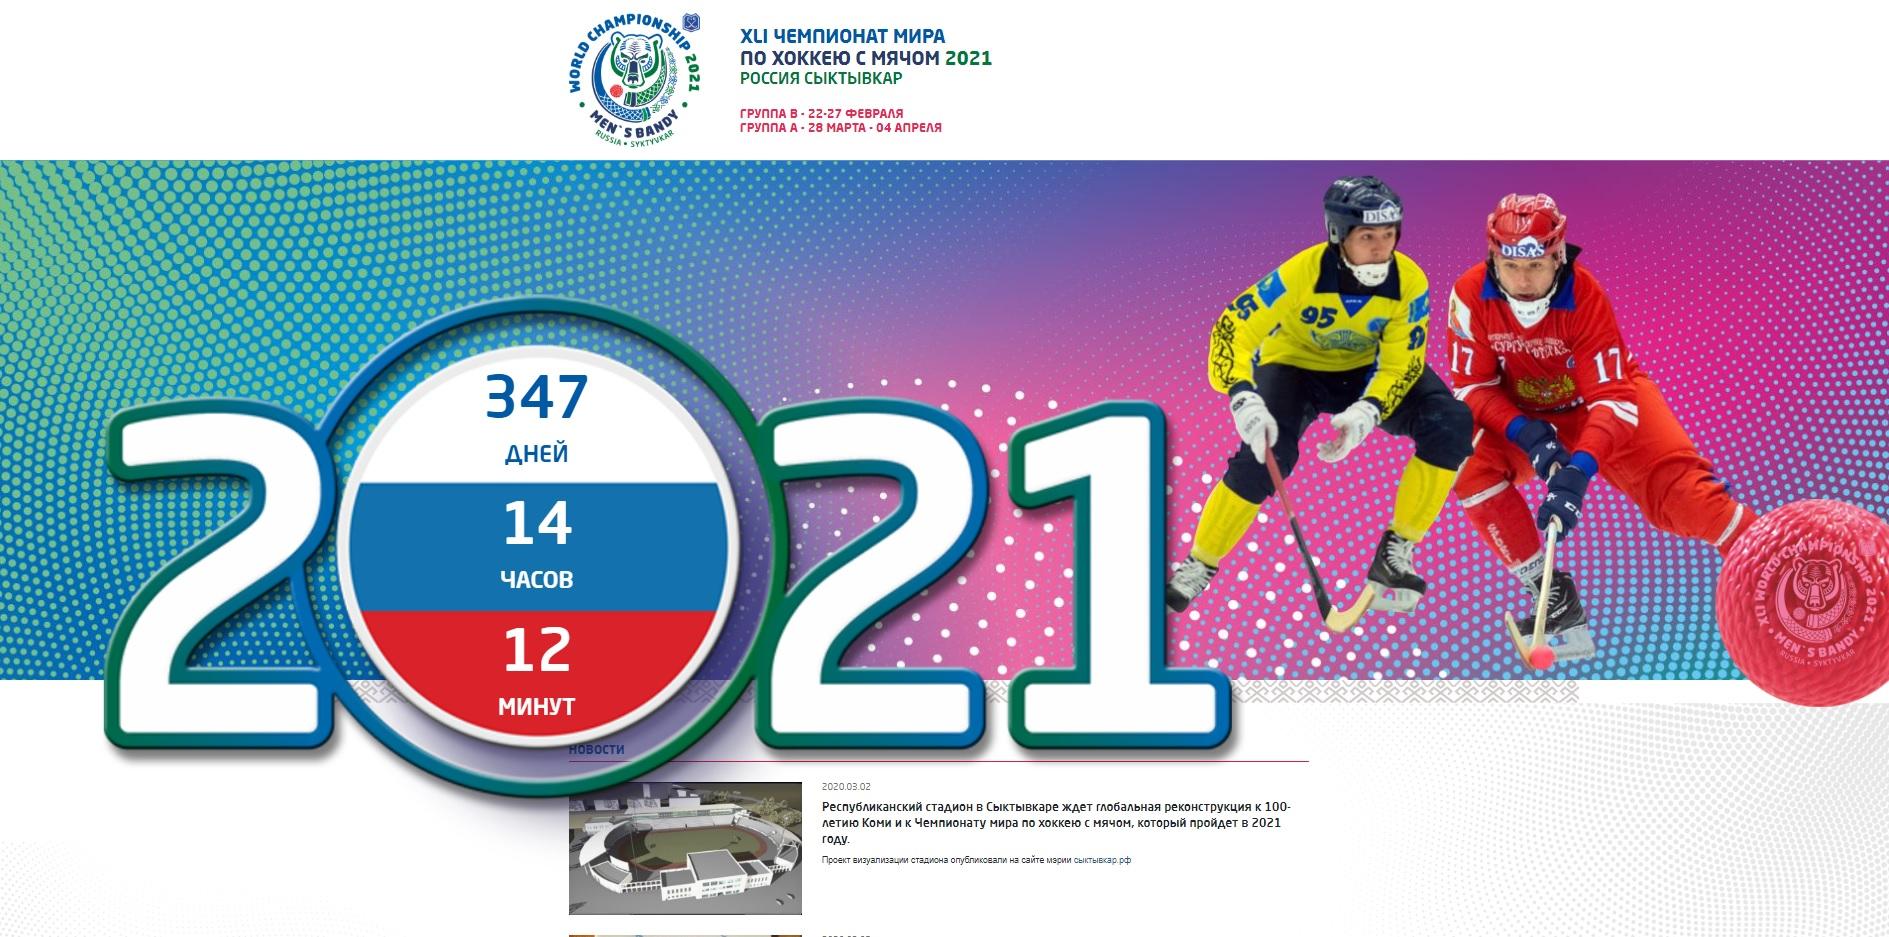 Хоккея тоже не будет. Чемпионат мира отменен | bobruisk.ru | 937x1889